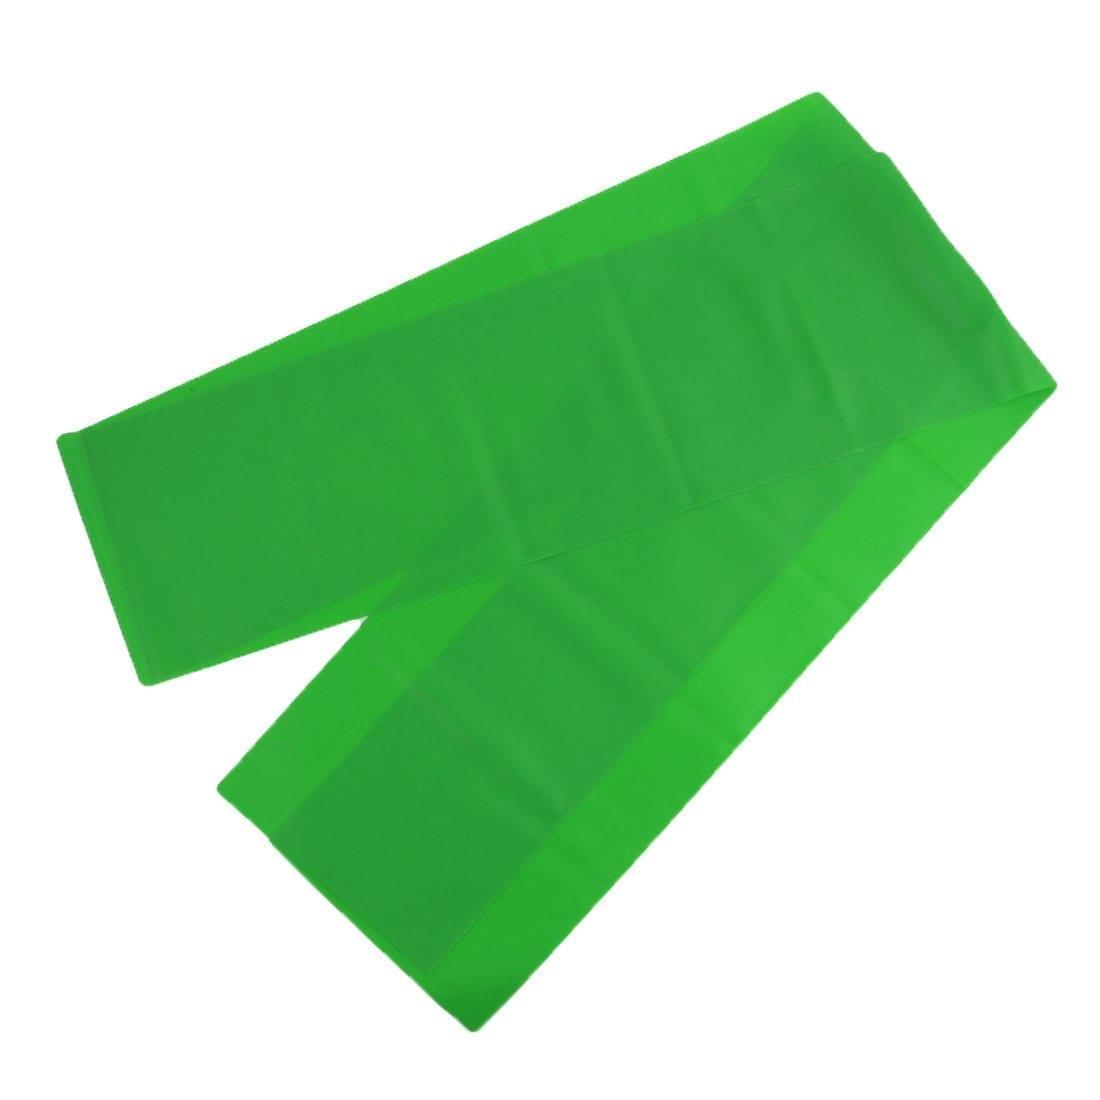 حلقة حزام تمارين المقاومة المطاطي - أخضر